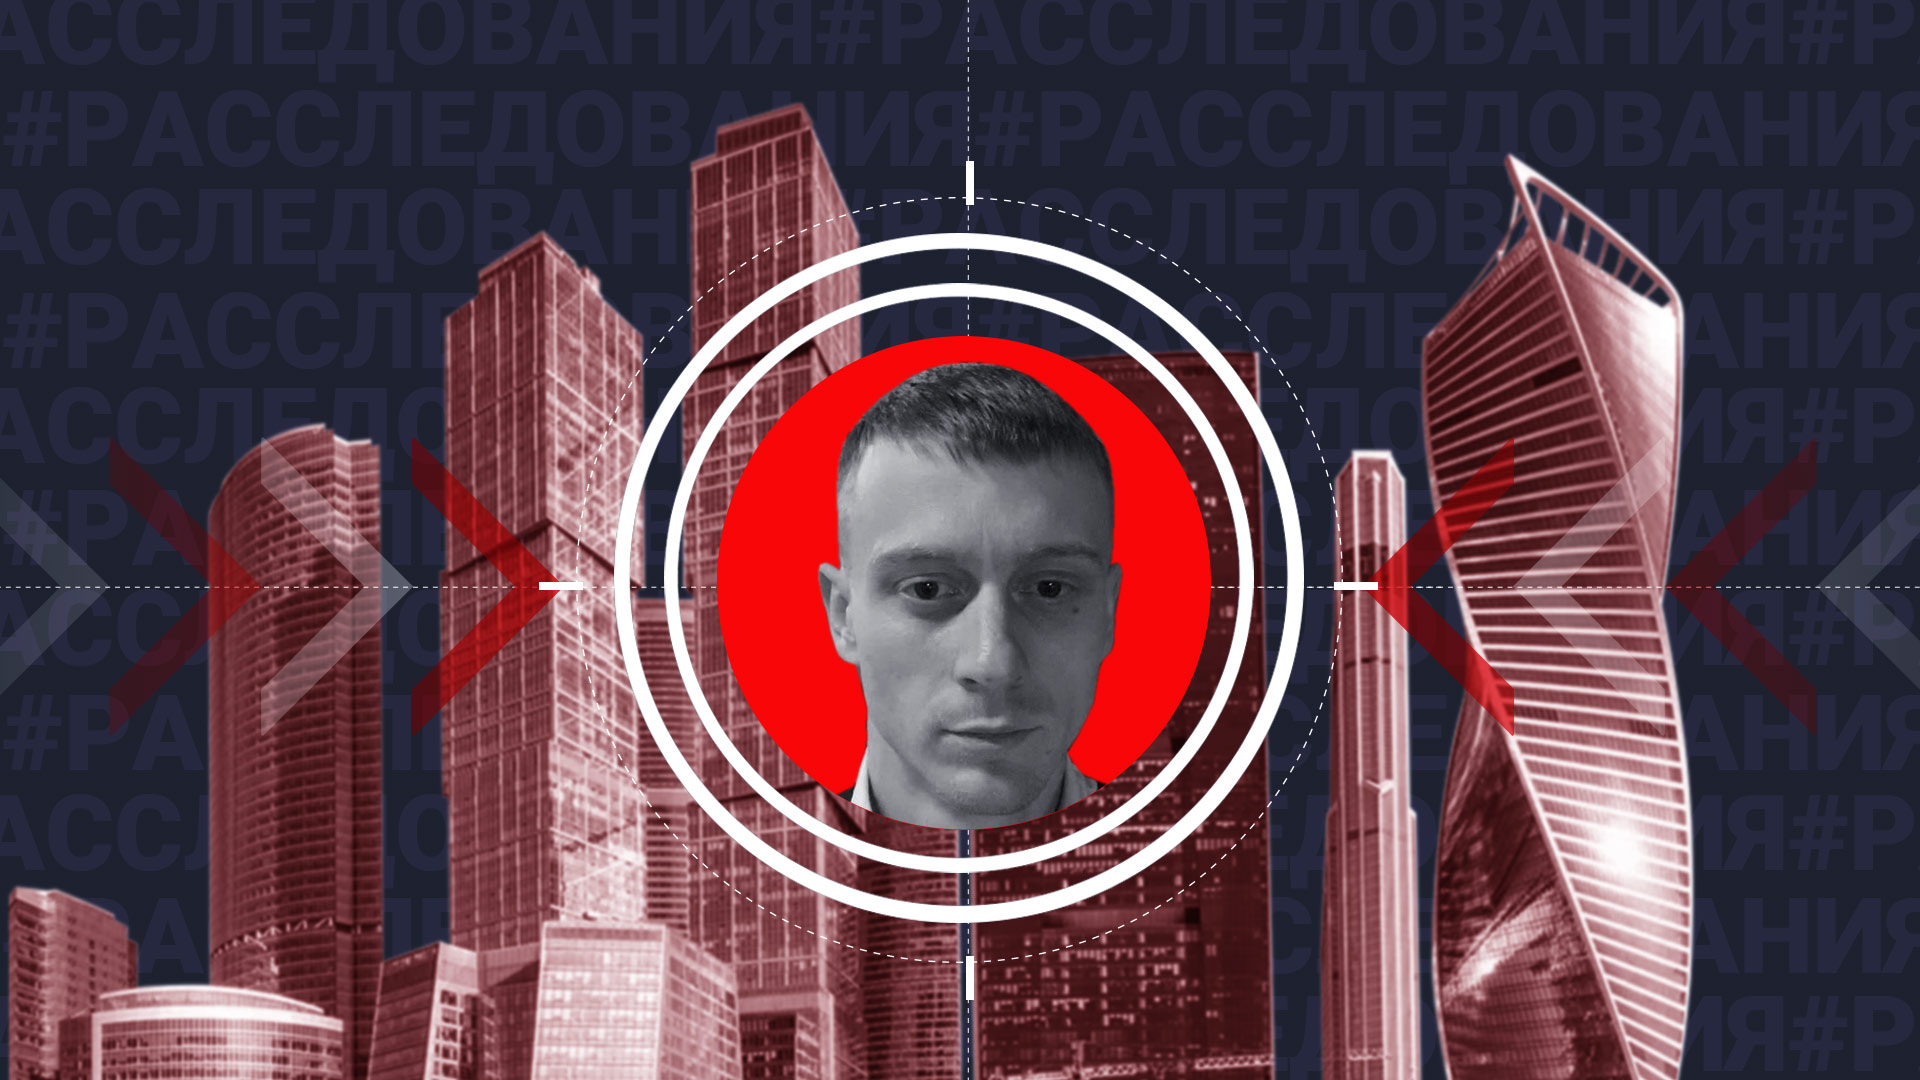 Мастер успешного образа. Почему и куда сбежал из Новосибирска со всей семьёй бизнесмен Александр Фреюк